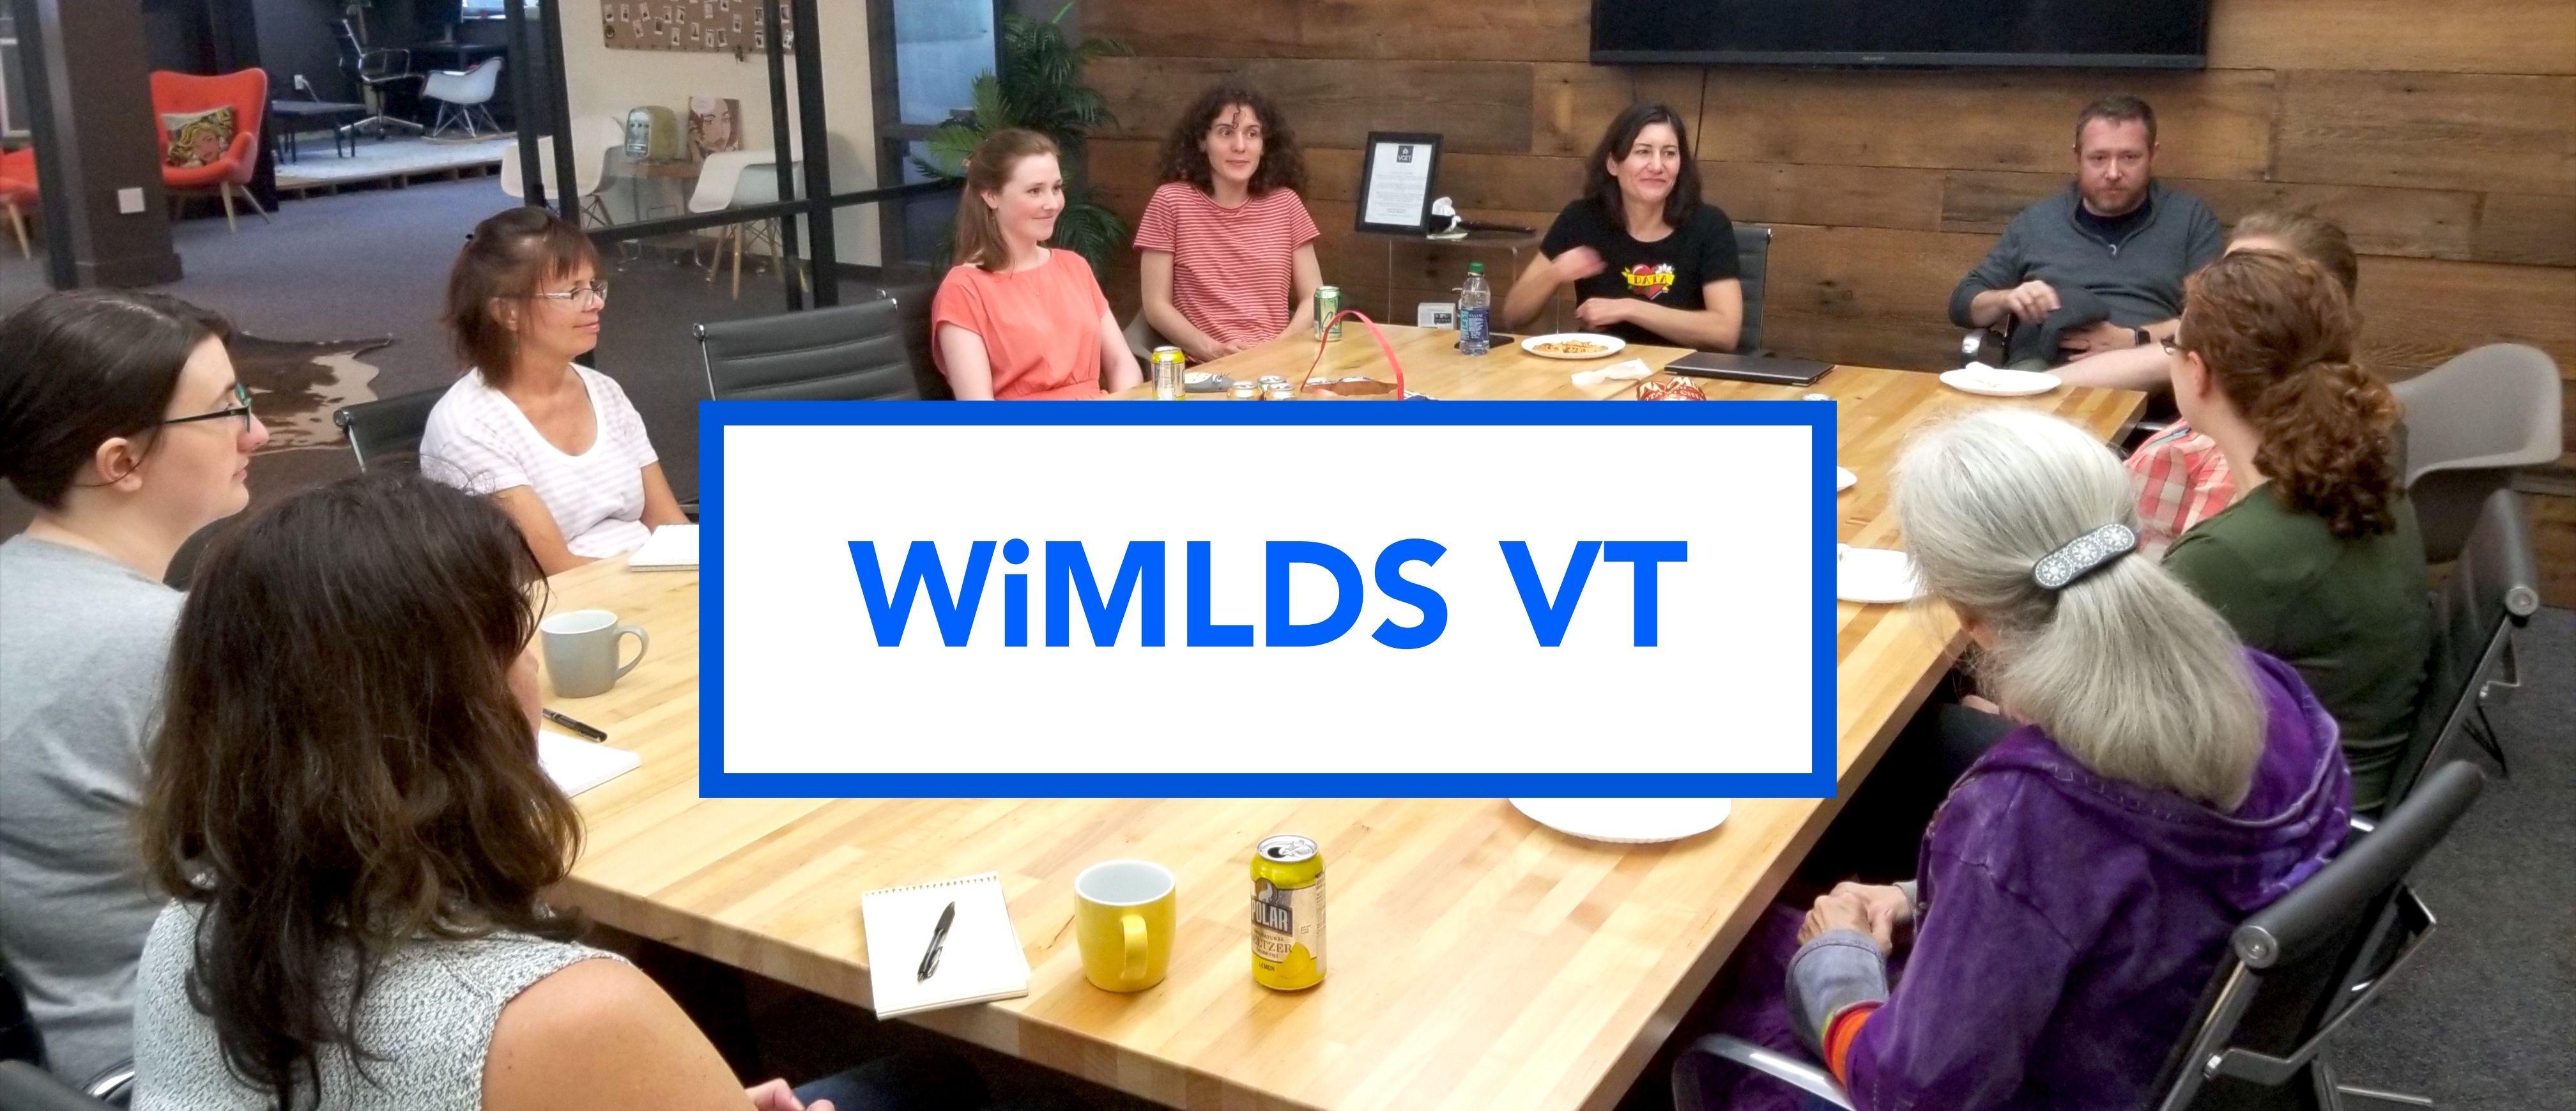 VT WiMLDS